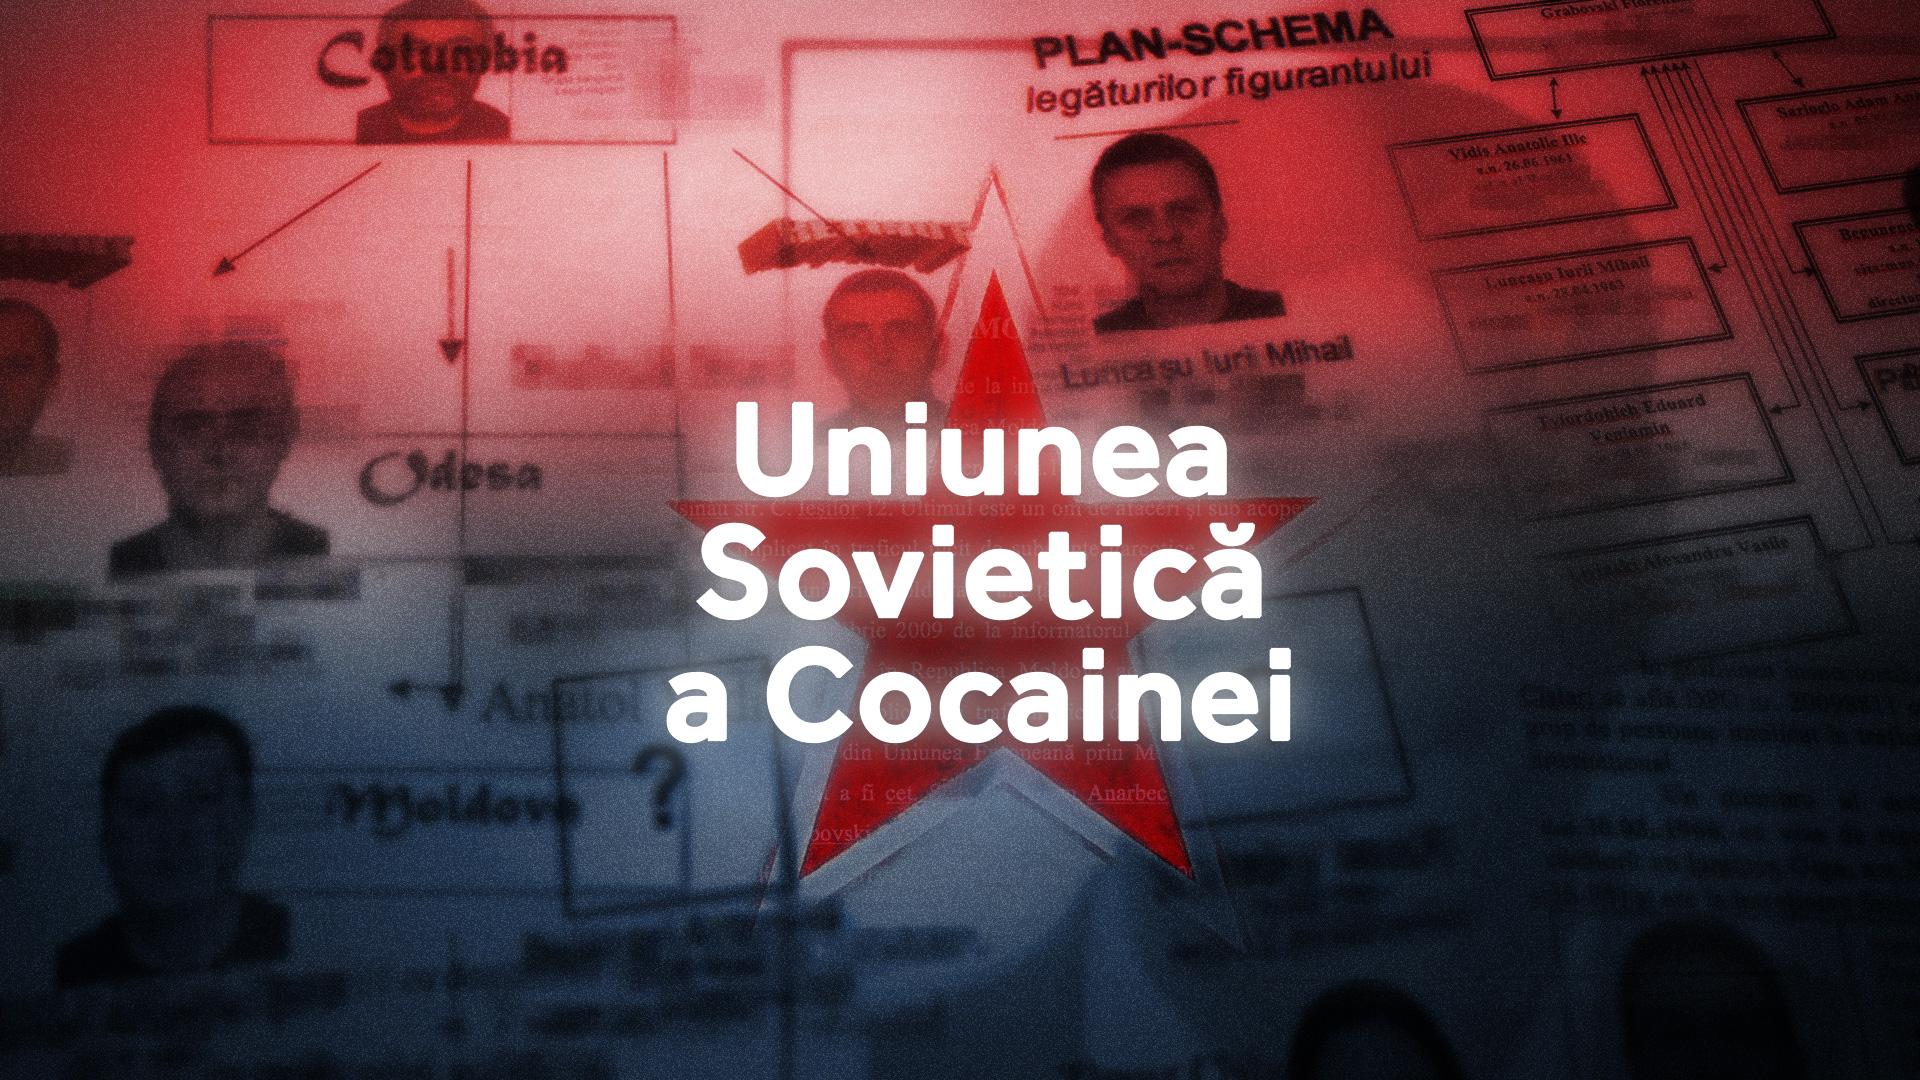 uniunea_sovietica_a_cocainei_03